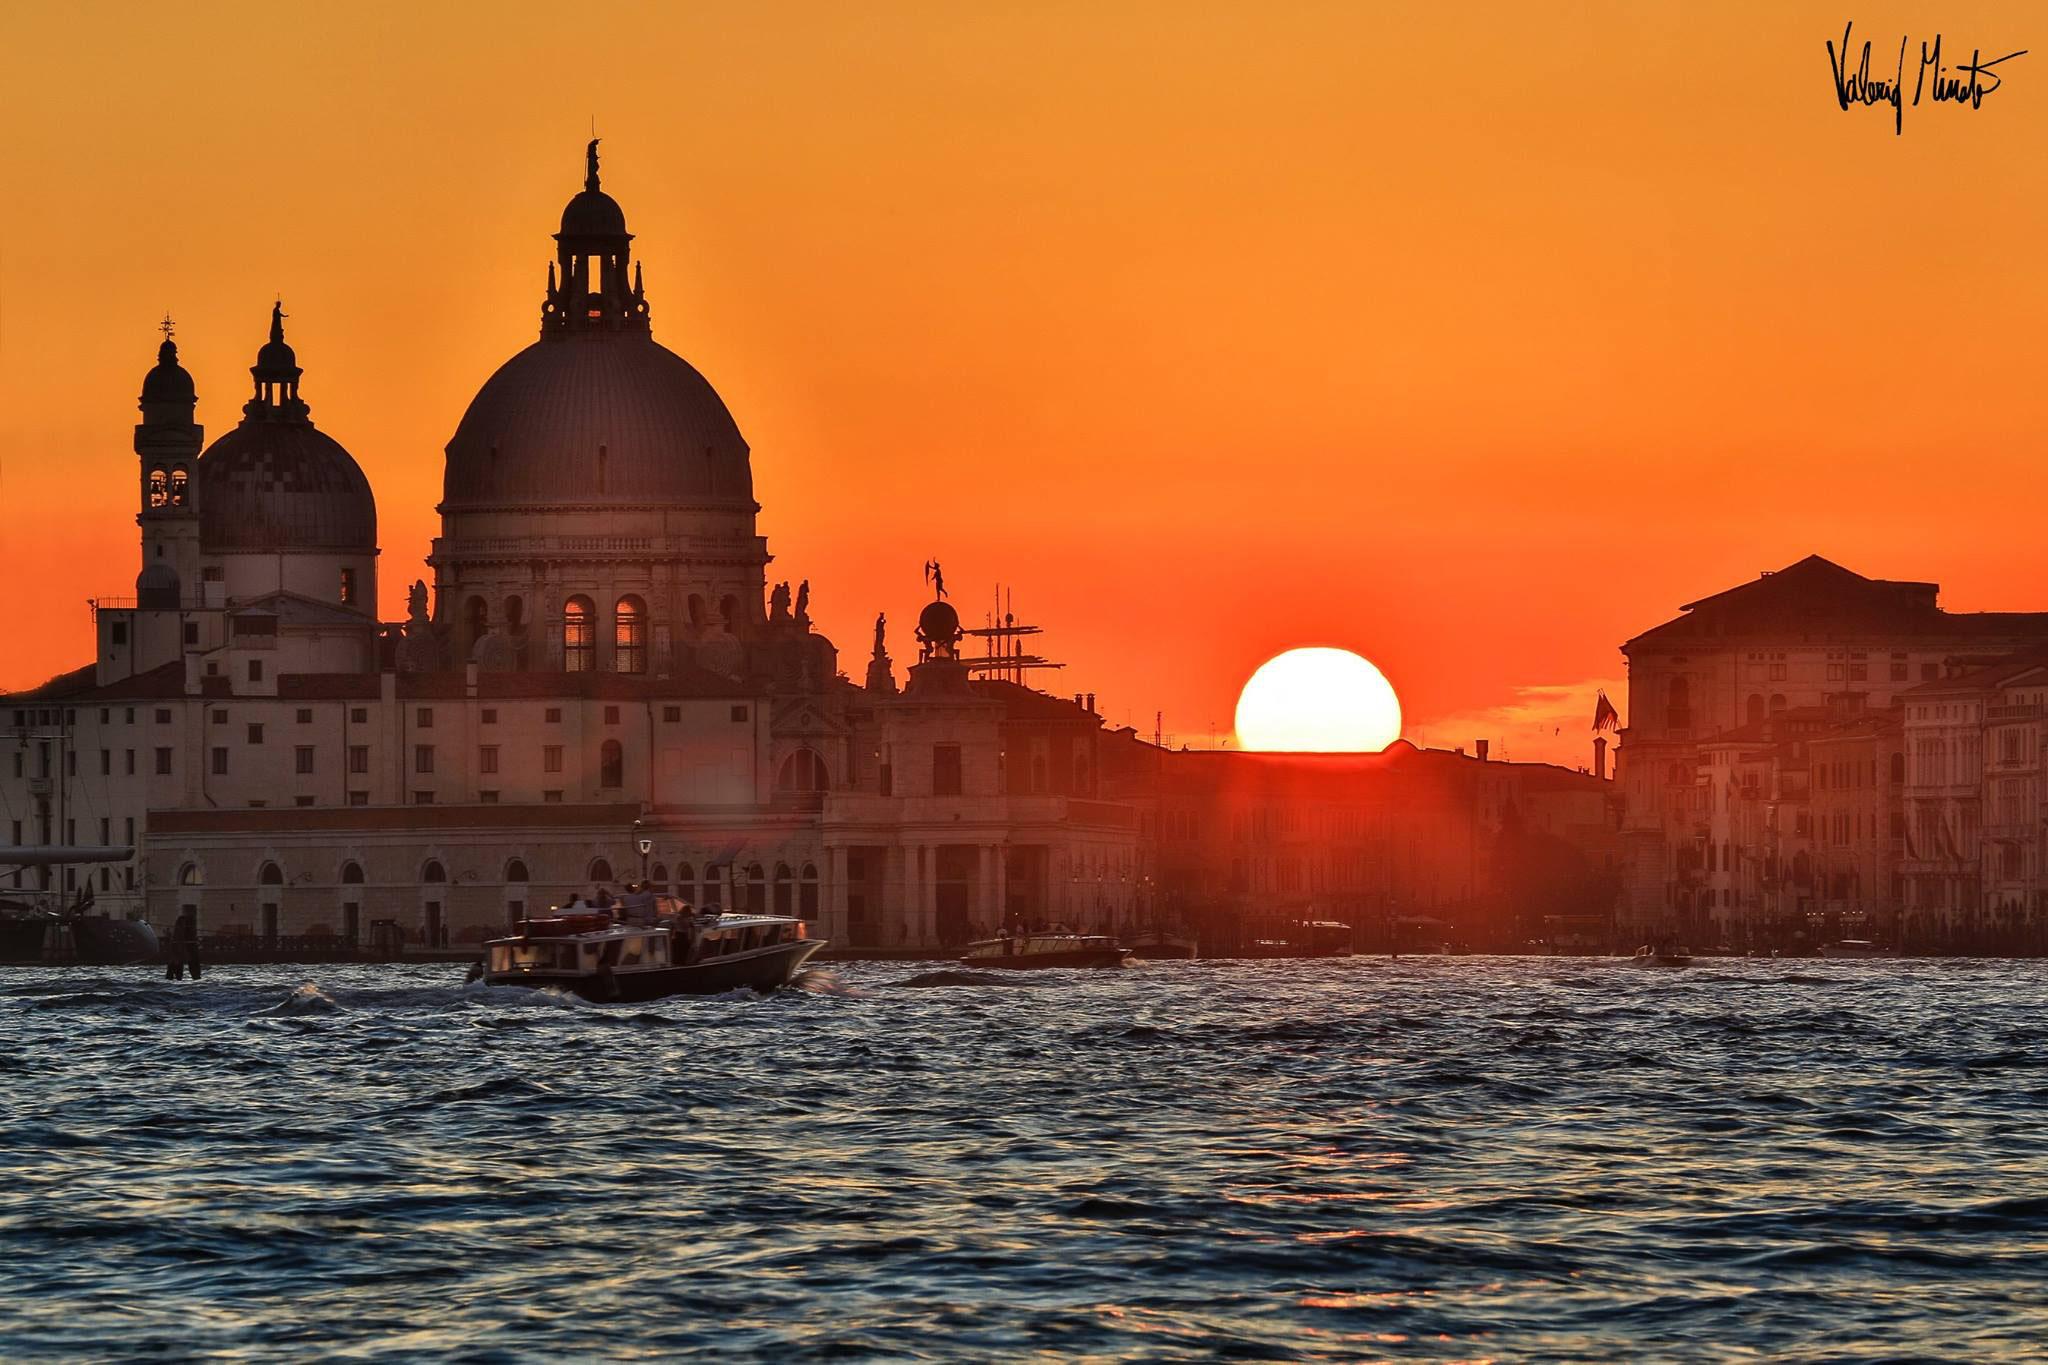 Citate Fotografie Gratis : Fotografie disponibili venezia benvenuti su